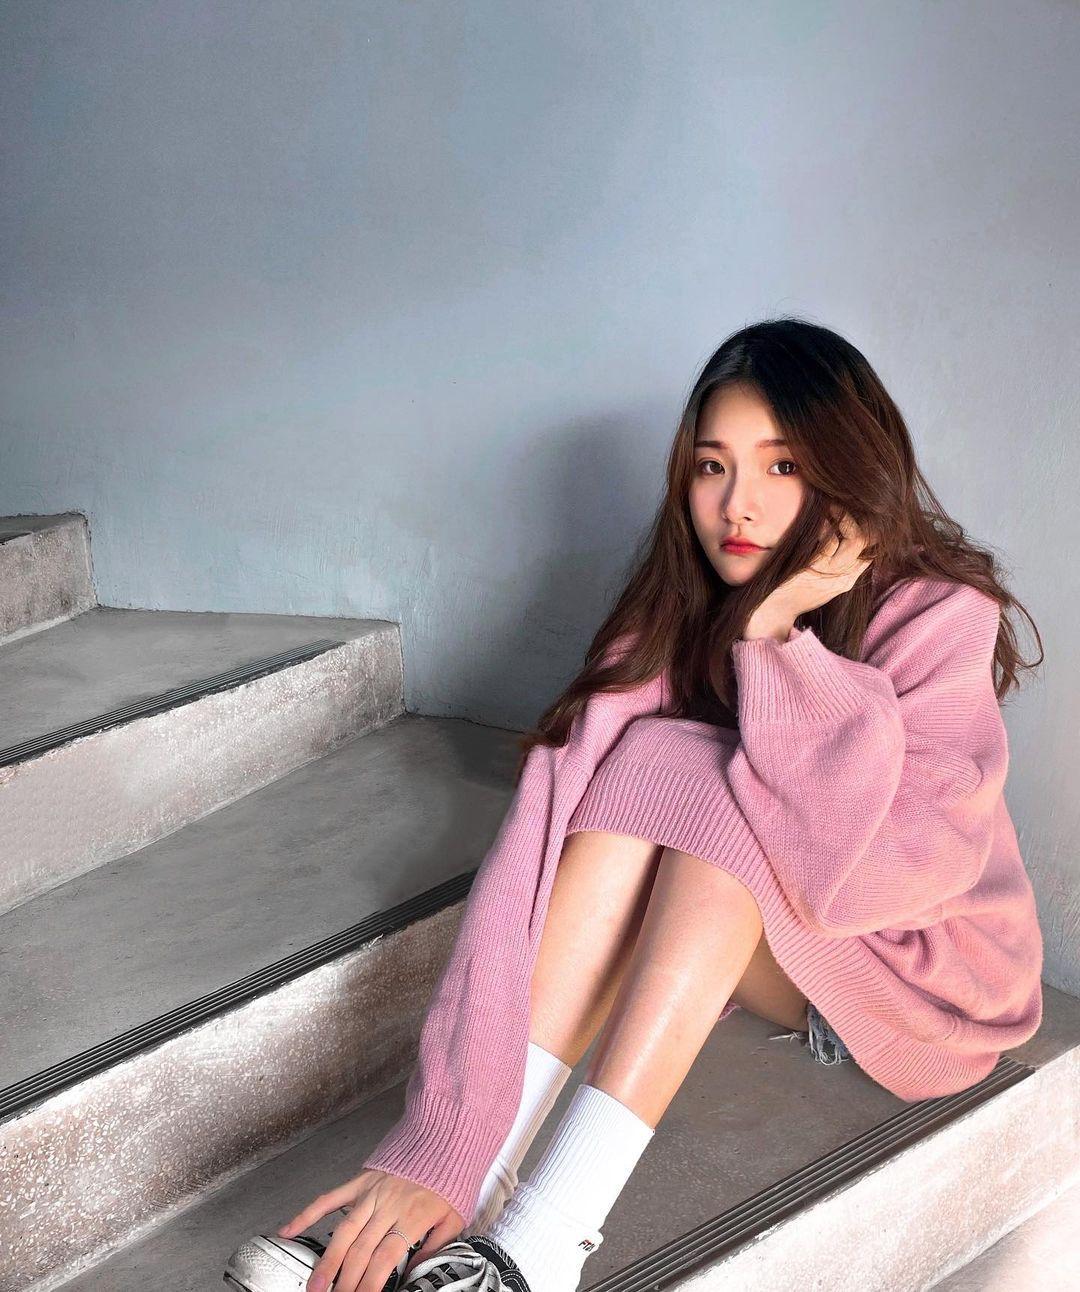 [清纯可爱]IG正妹:仔仔 娃娃般精致-itotii